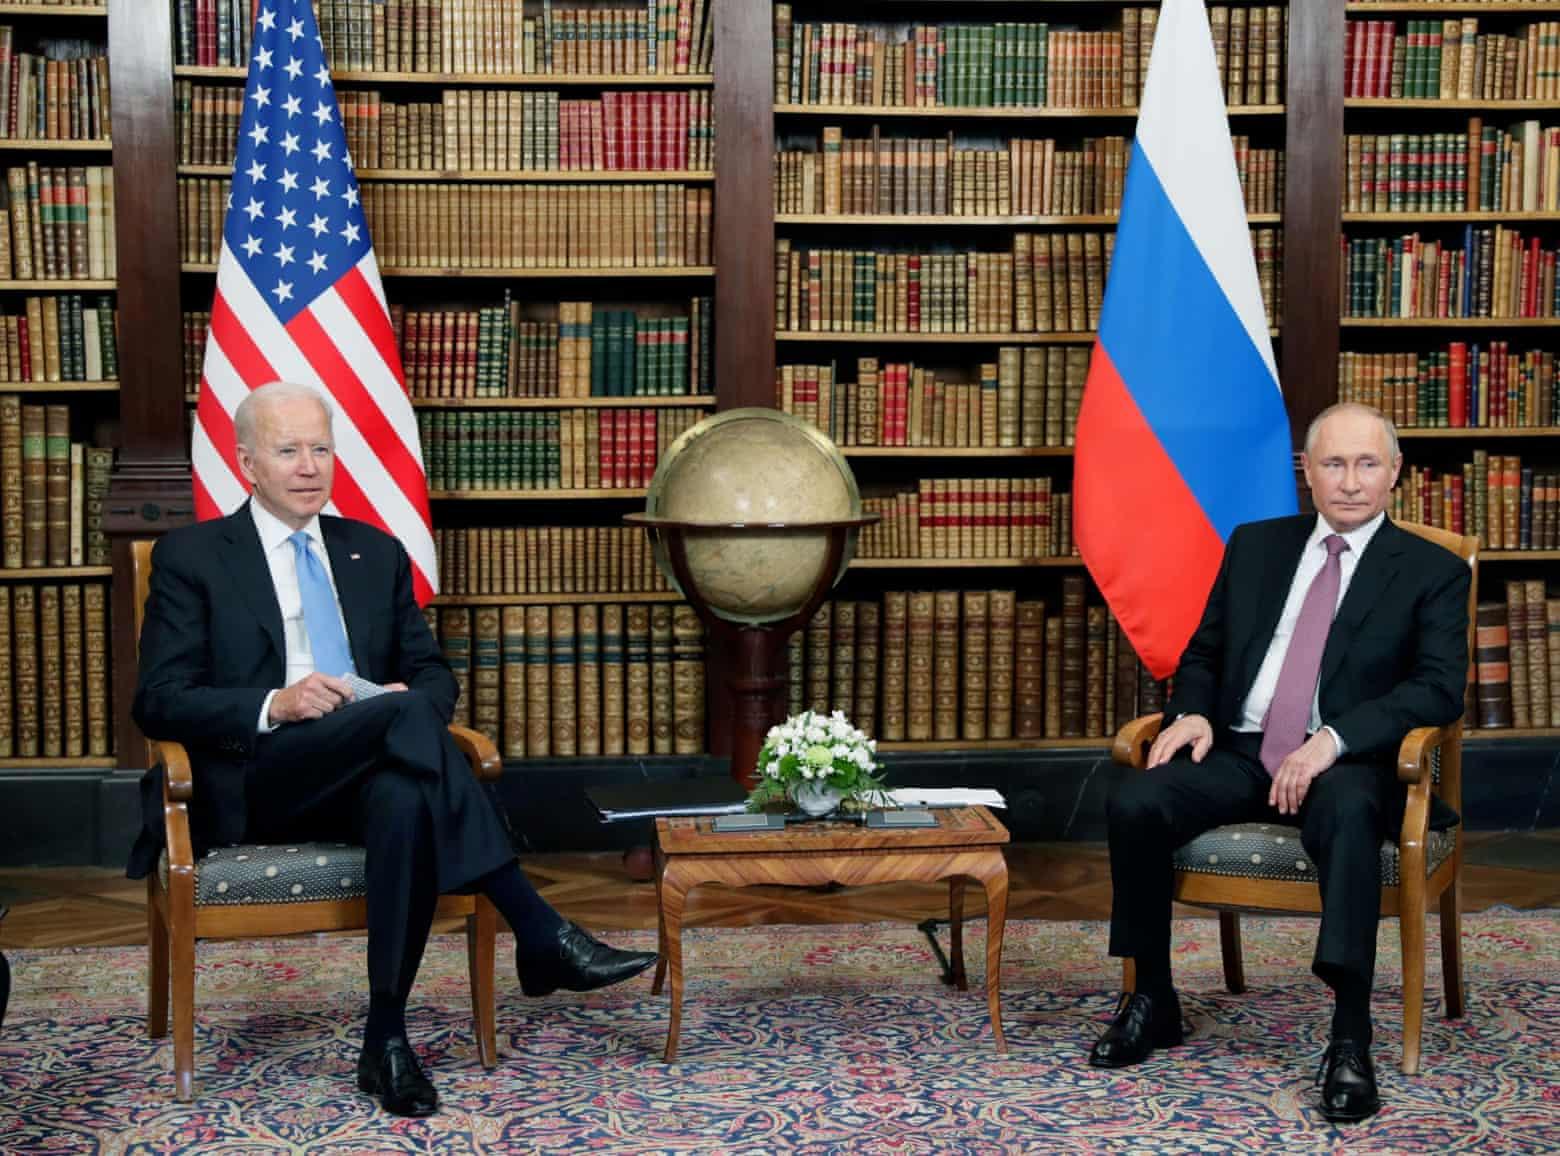 Tổng thống Mỹ Biden (trái) và Tổng thống Nga Putin họp tại thư viện của biệt thự Villa La Grange ngày 16/6. Ảnh: AFP.